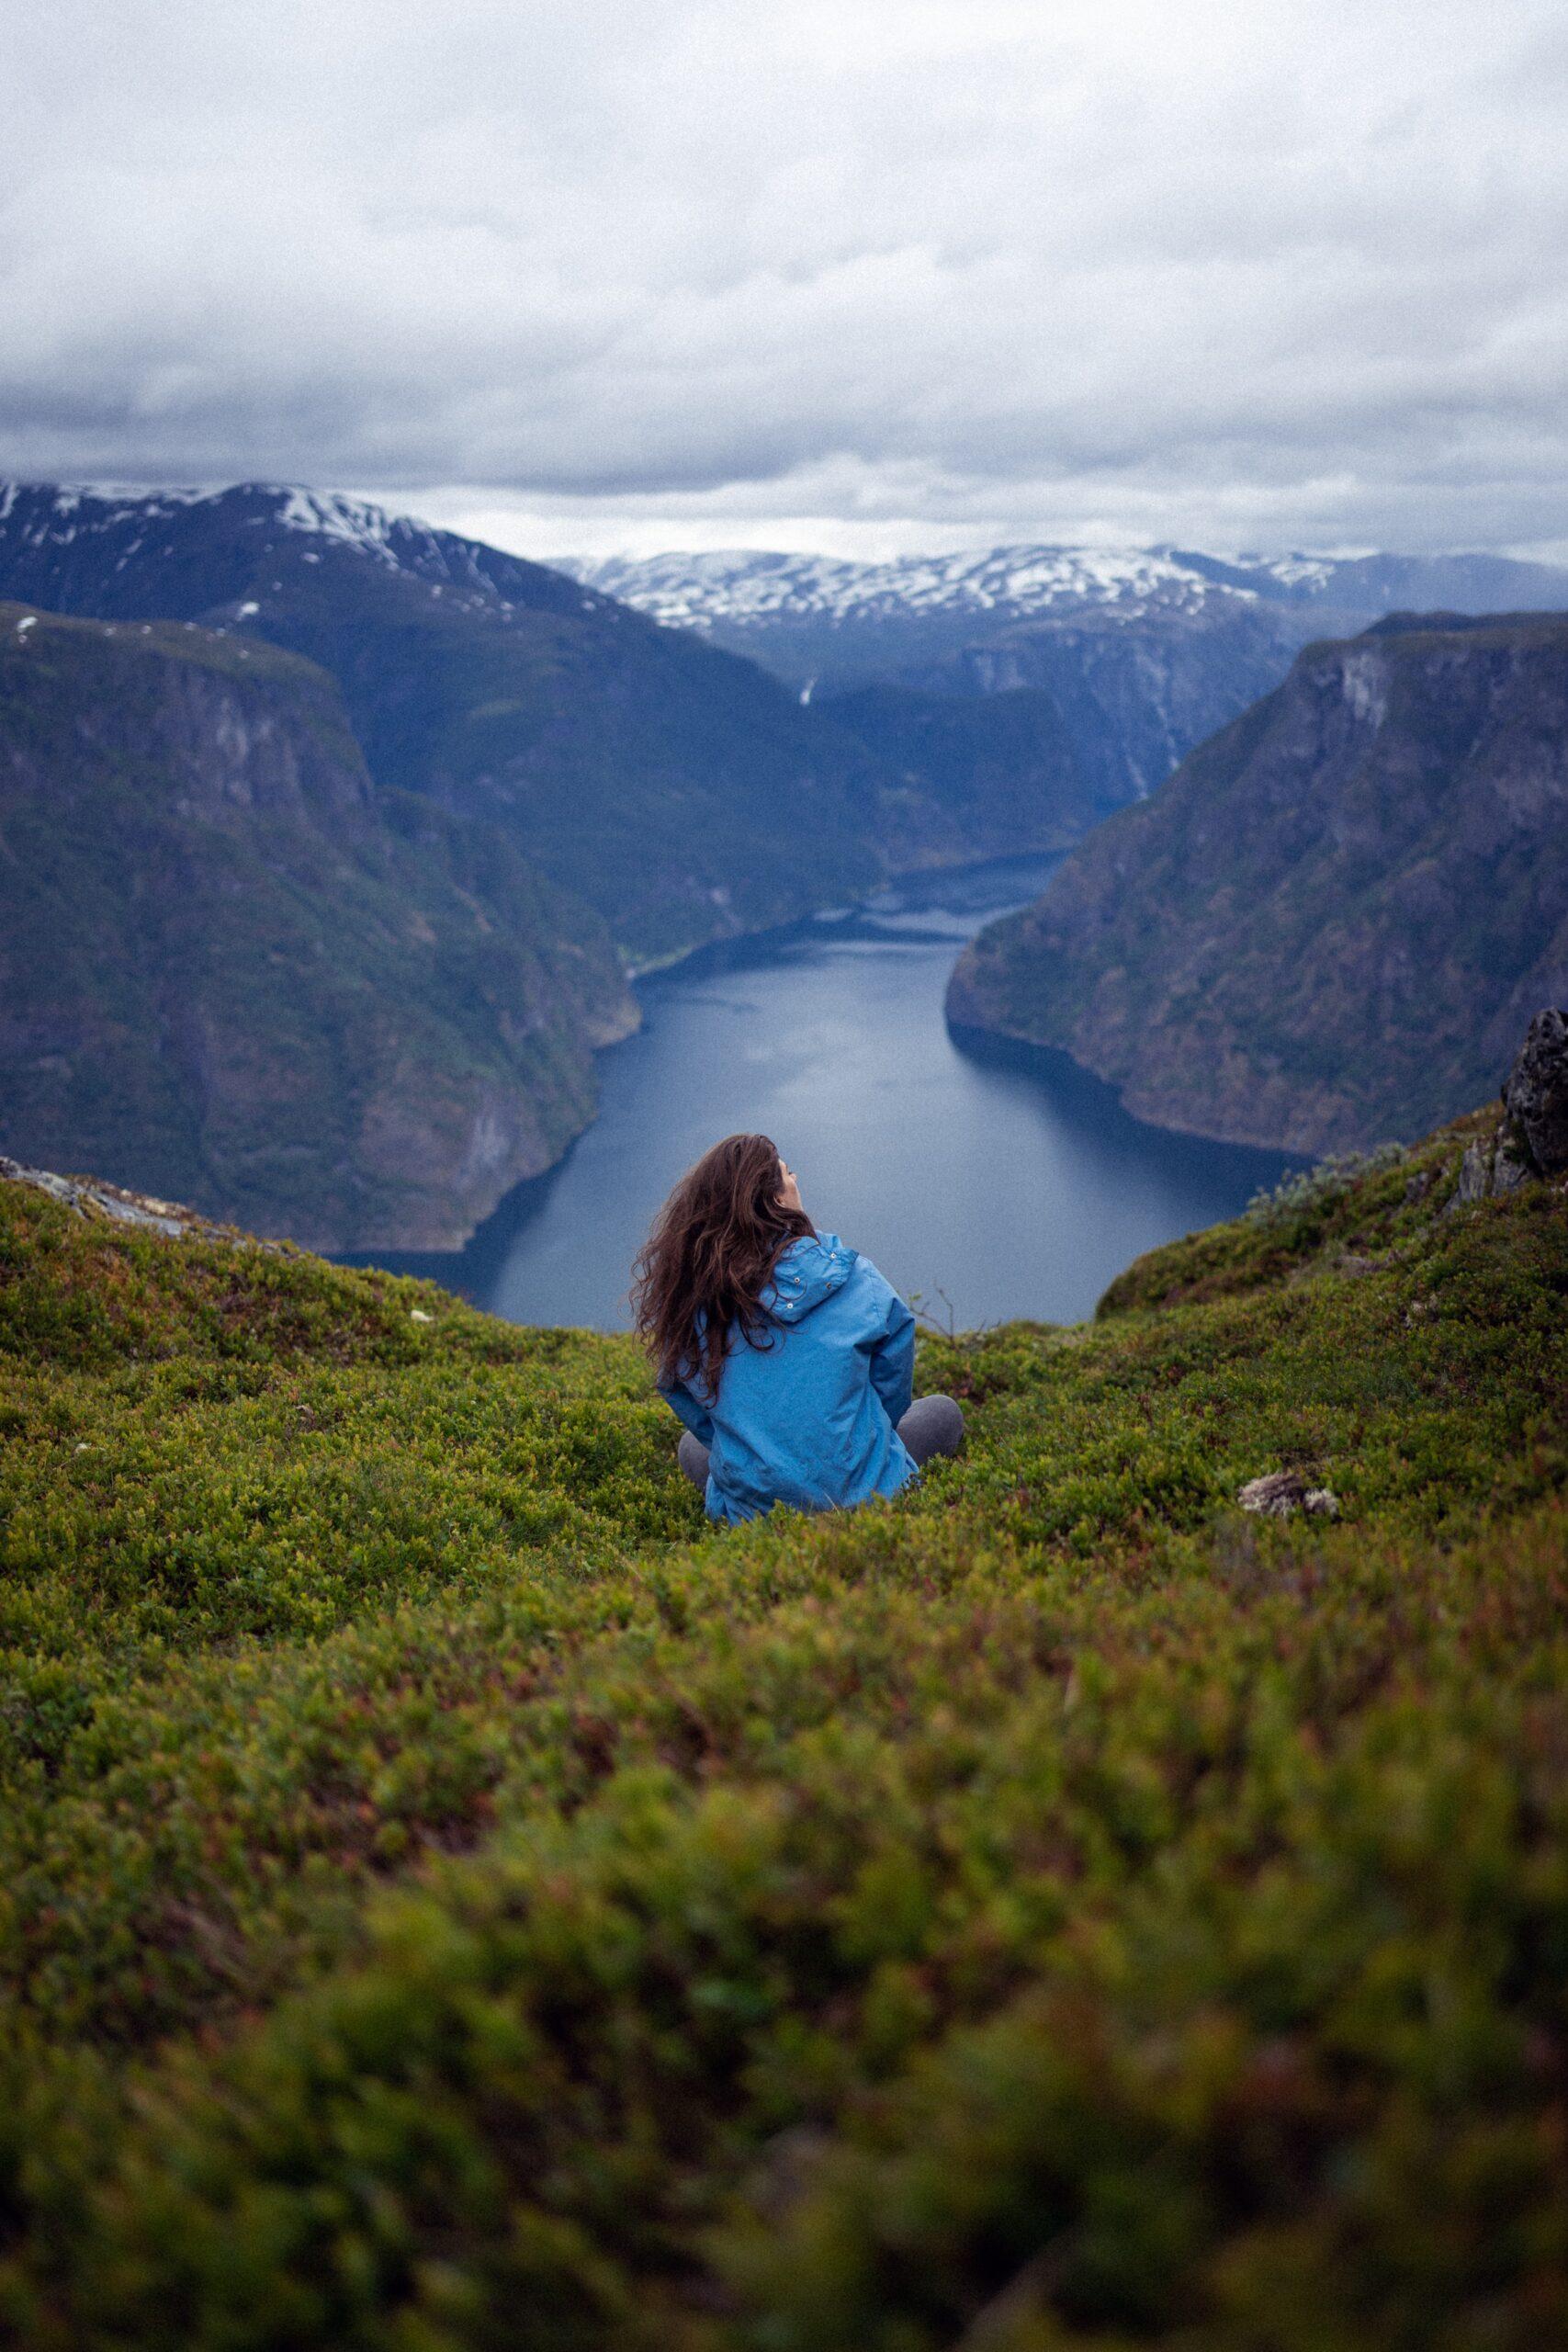 Organizzare un viaggio in Norvegia, scegliendo tra città, natura aurore boreali e fiordi